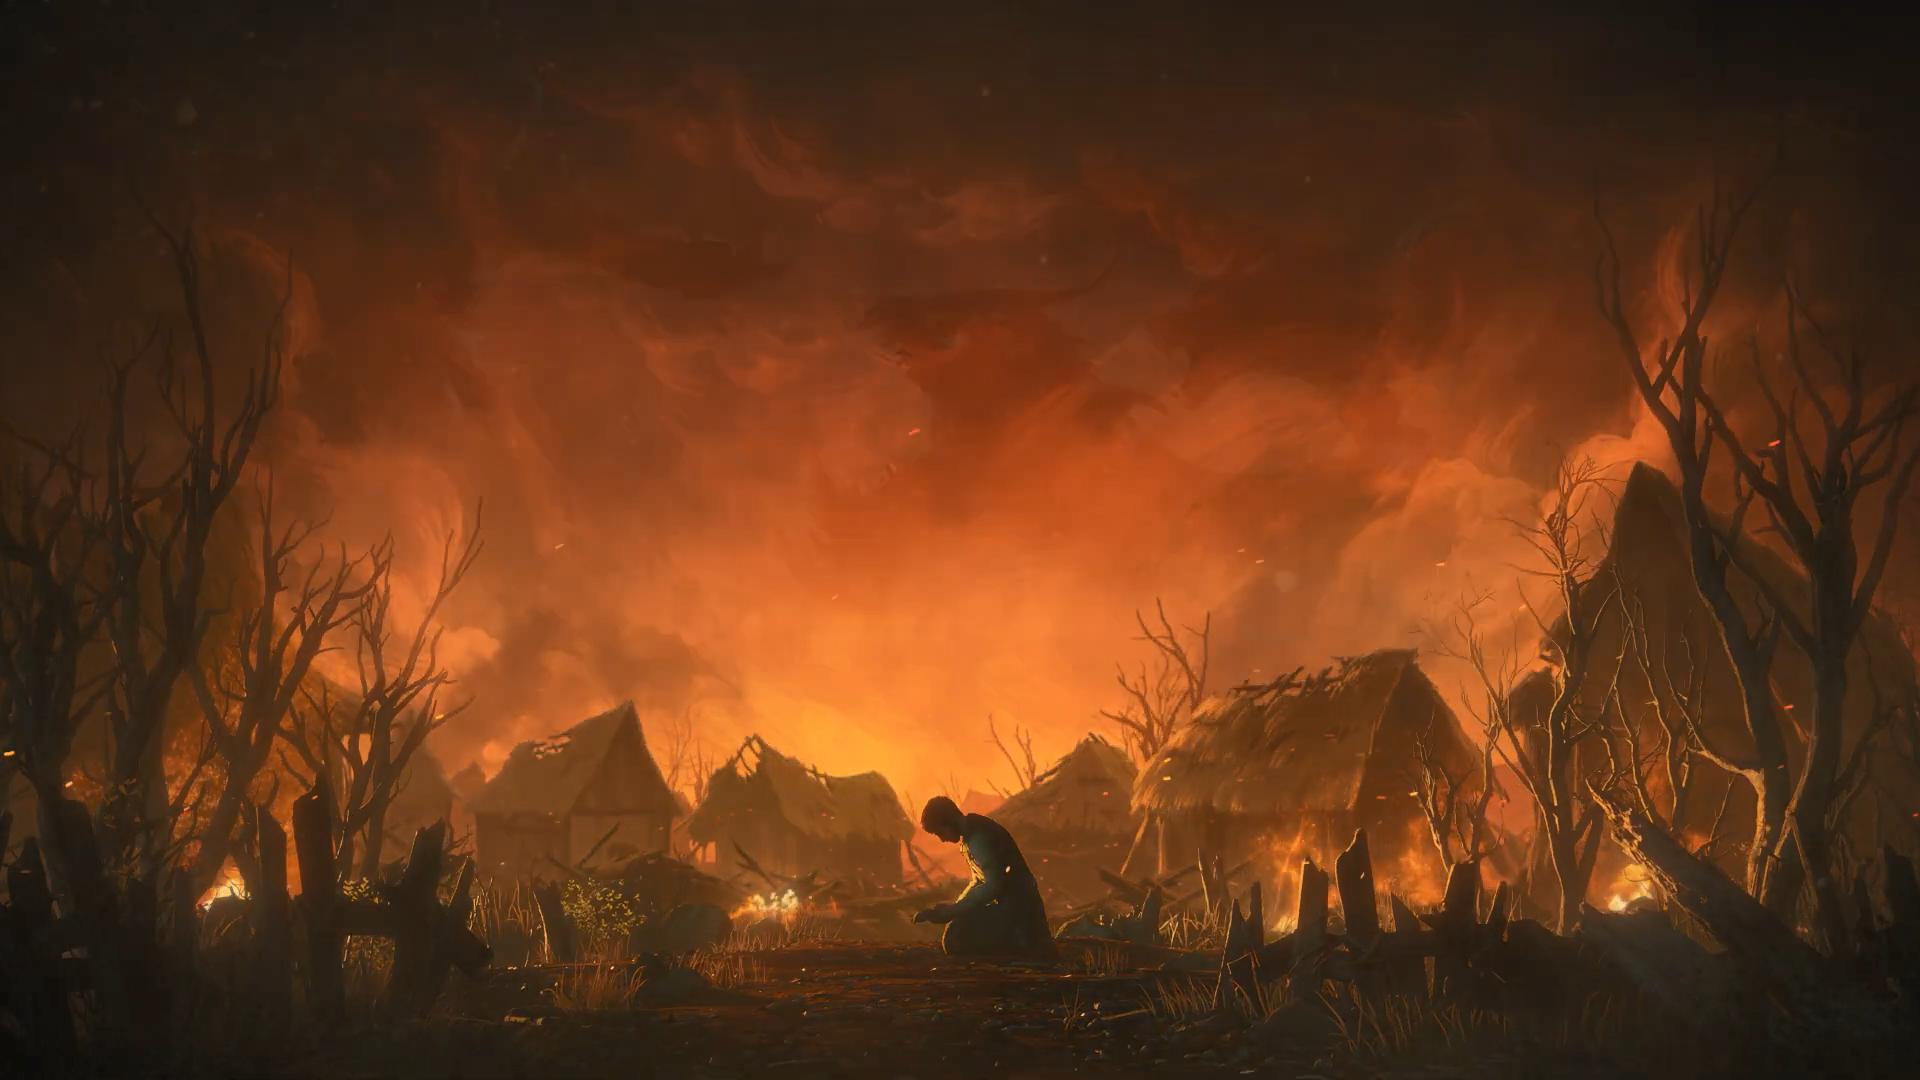 《神之浩劫》新神明Cliodhna预告片发布 正式更新将于10月内上线